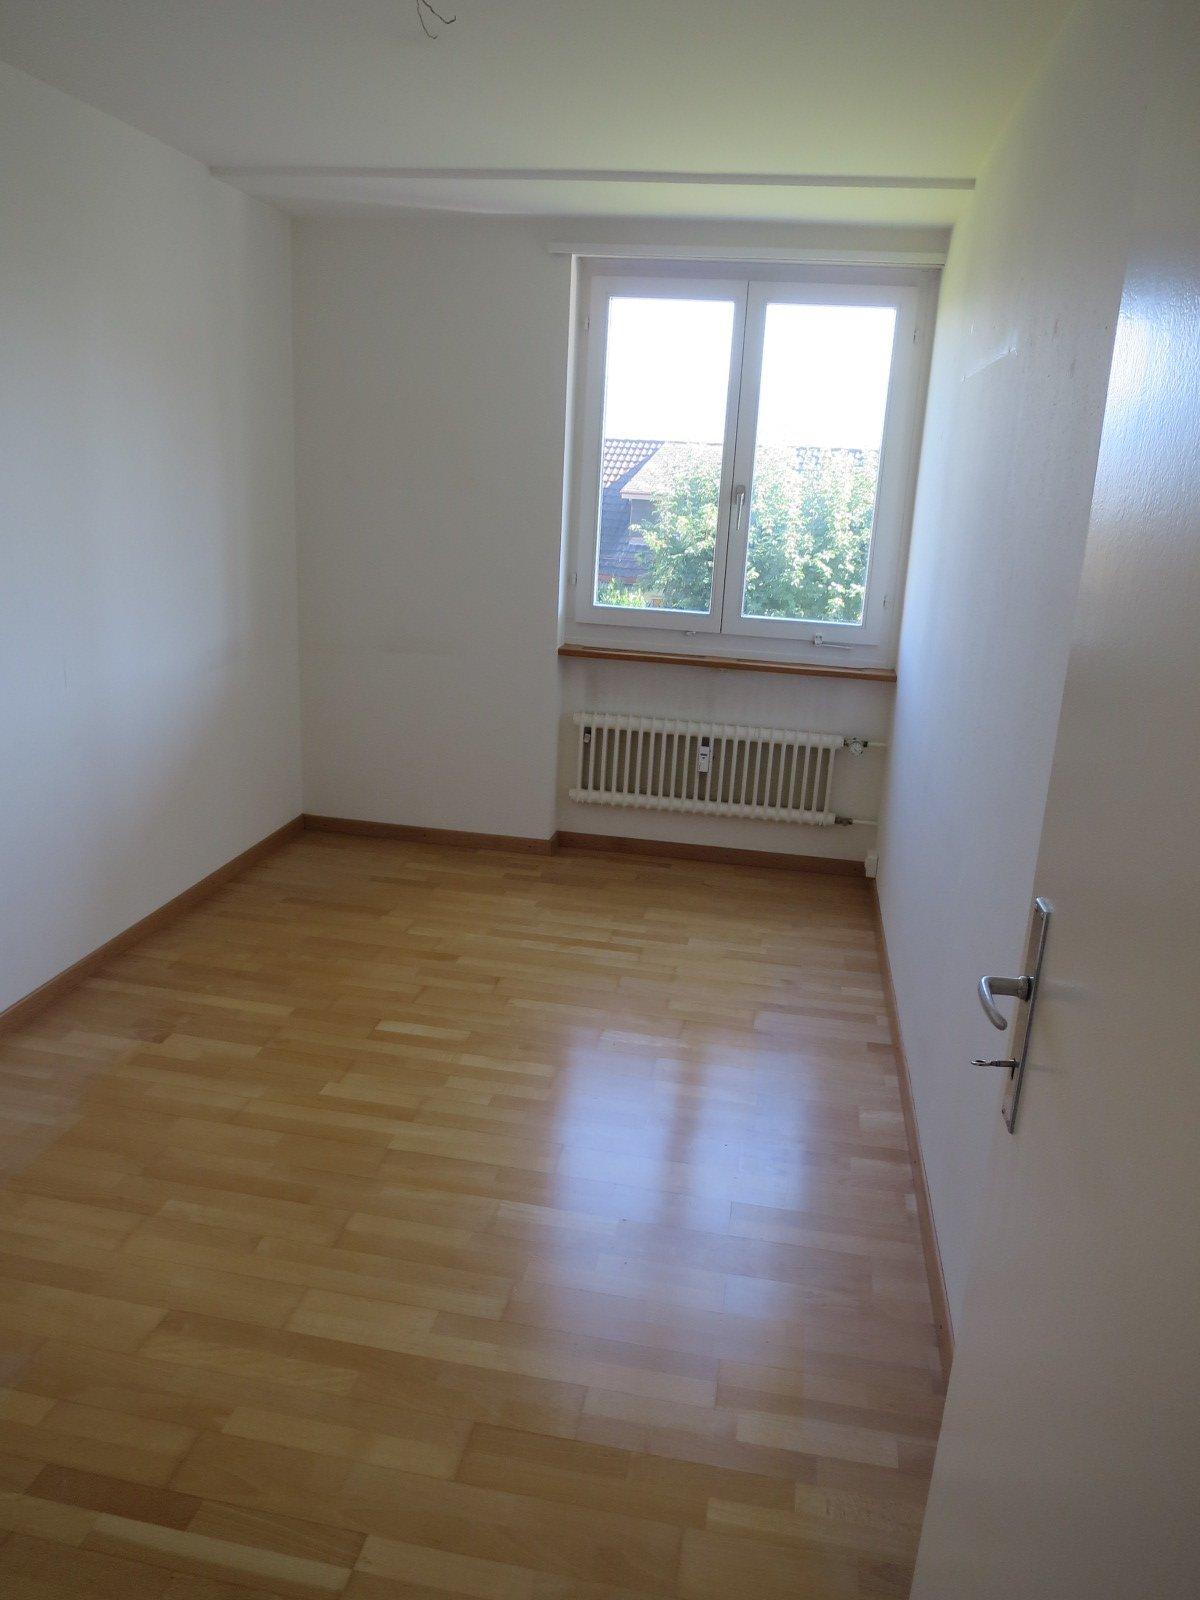 Lindenhofstrasse 11